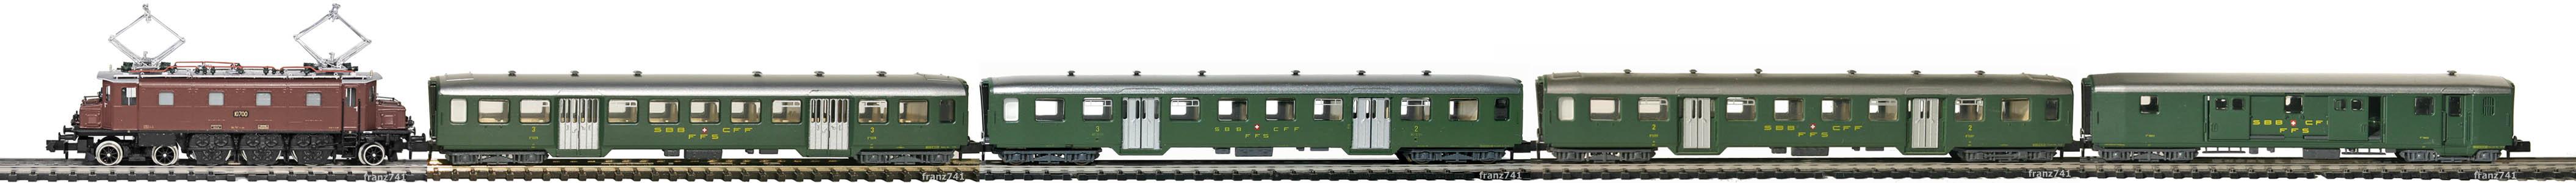 Epoche-III-SBB-Personenzug_Ae-3-6-I-Elok-Leichtstahlwagen-Urspungsausführung